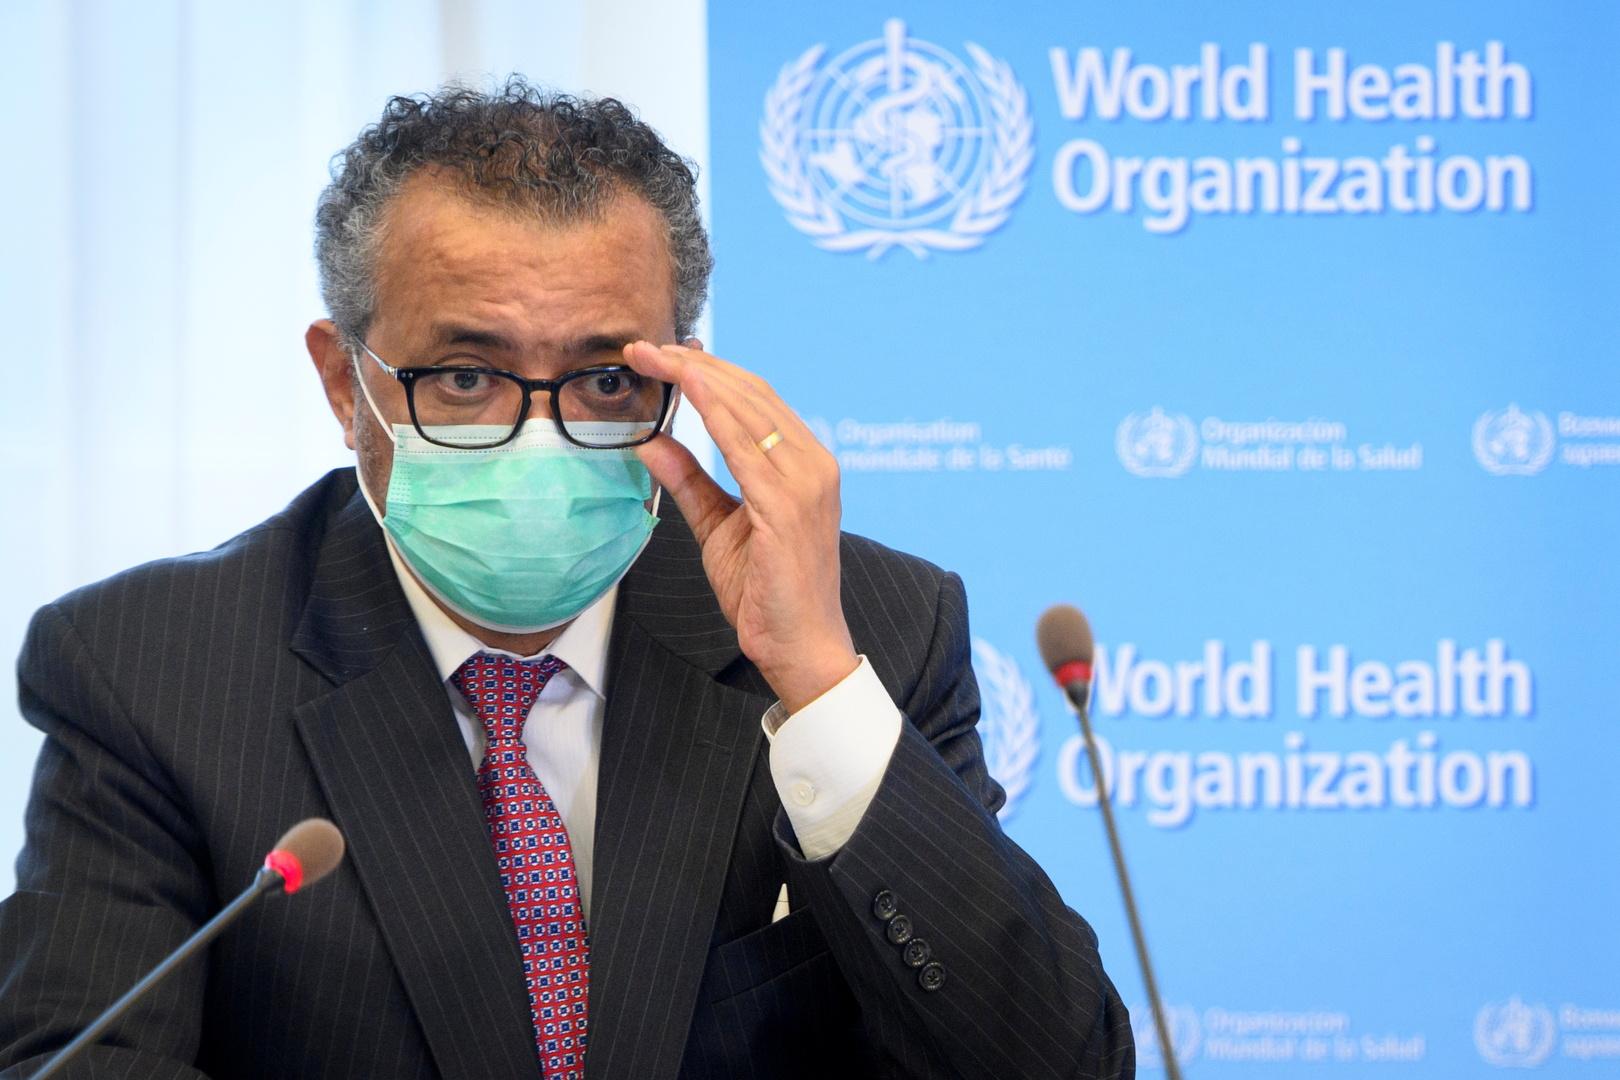 الصحة العالمية لا تستبعد فرضية تسرب فيروس كورونا من مختبر